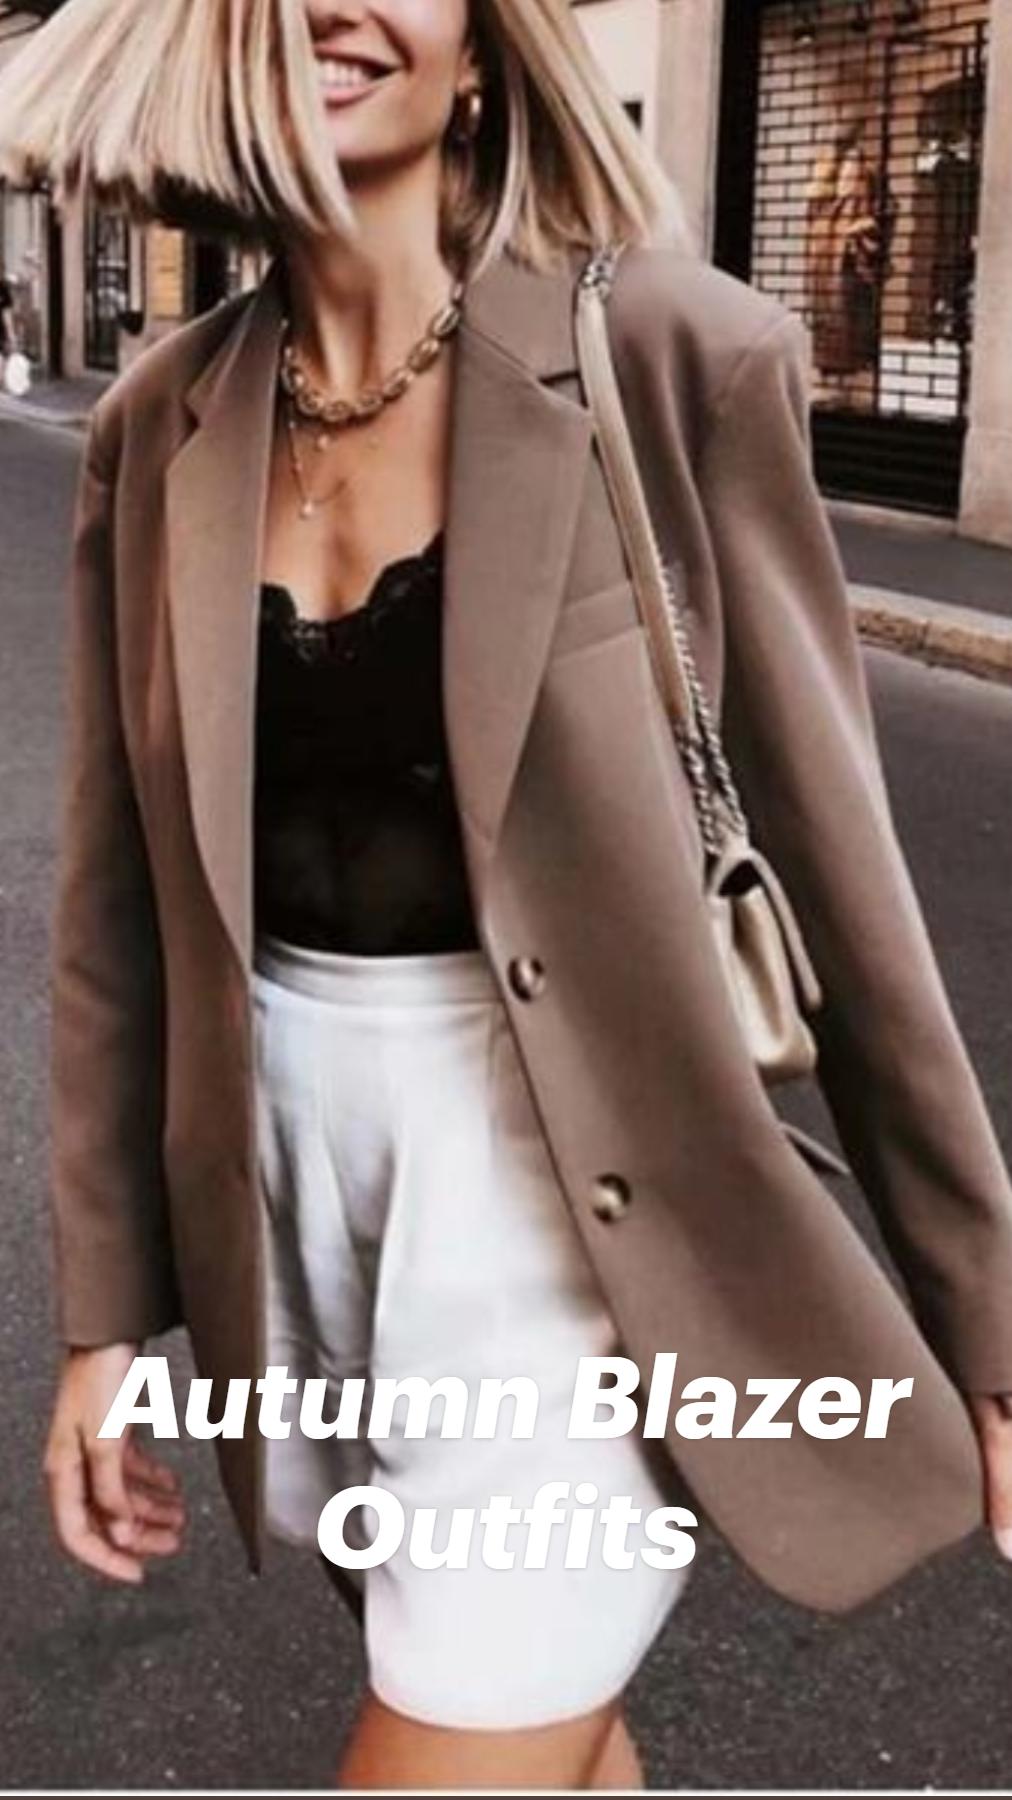 Autumn Blazer Outfits